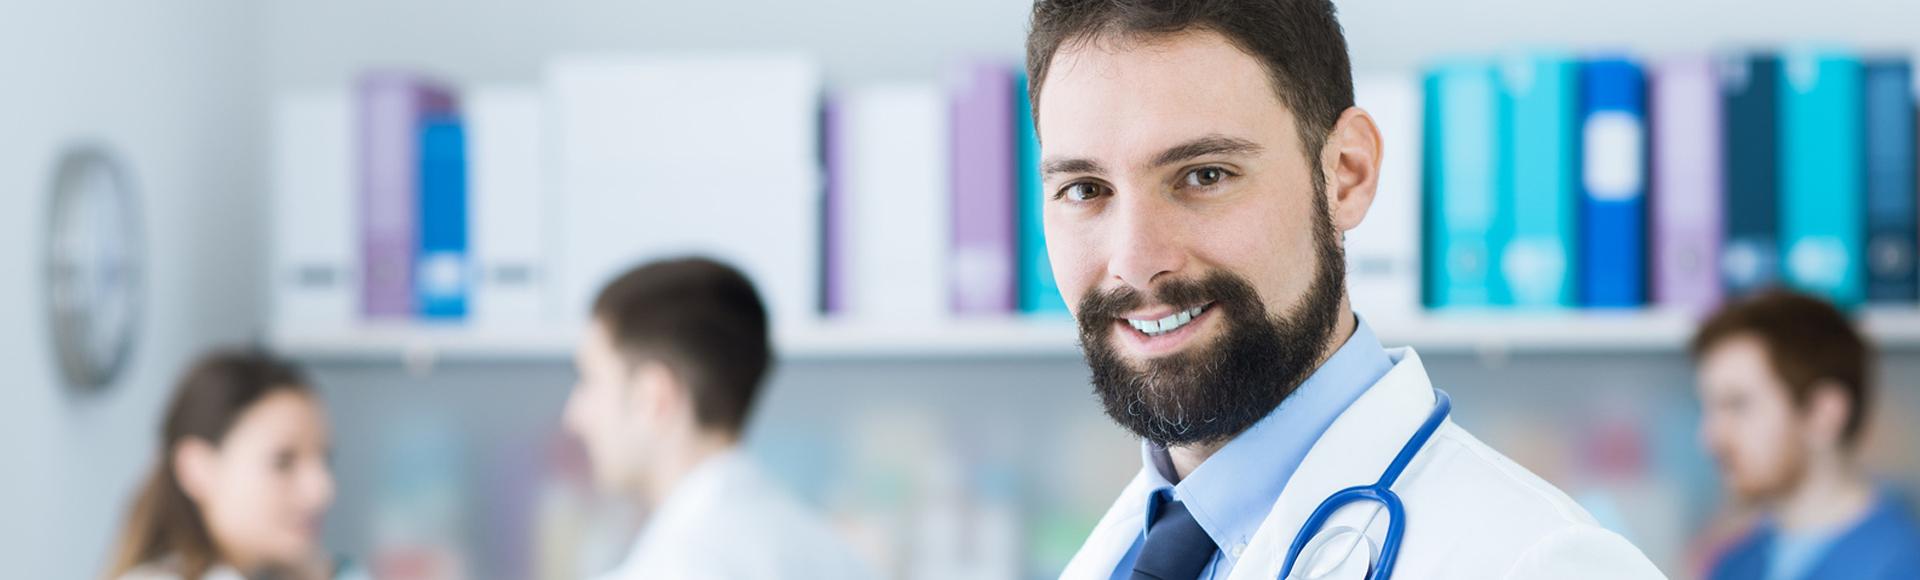 Calidad y experiencia de los mejores profesionales